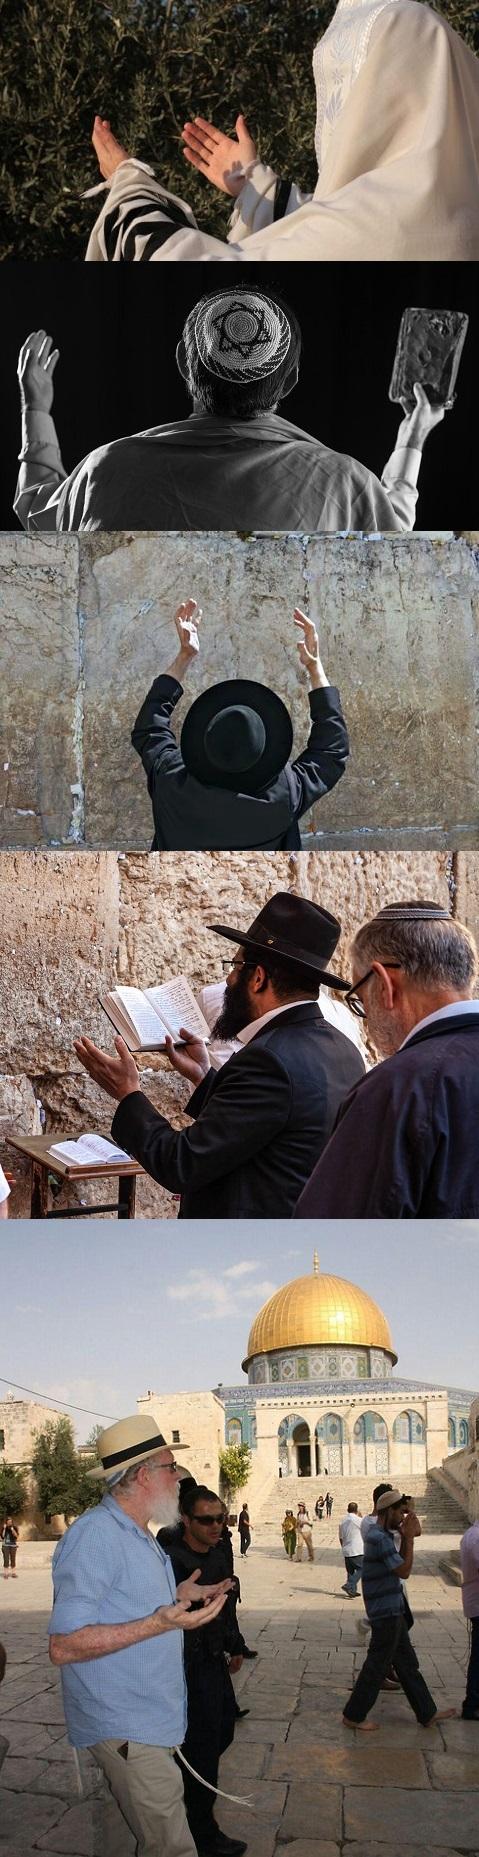 上图:犹太人各种举手祷告的姿势。他们是在祷告的时候举手,而不是在唱歌赞美的时候举手。圣经中的「举手」,都是指祷告(出十七11)、祝福(利九22)或起誓(申三十二40),而不是指唱歌赞美。